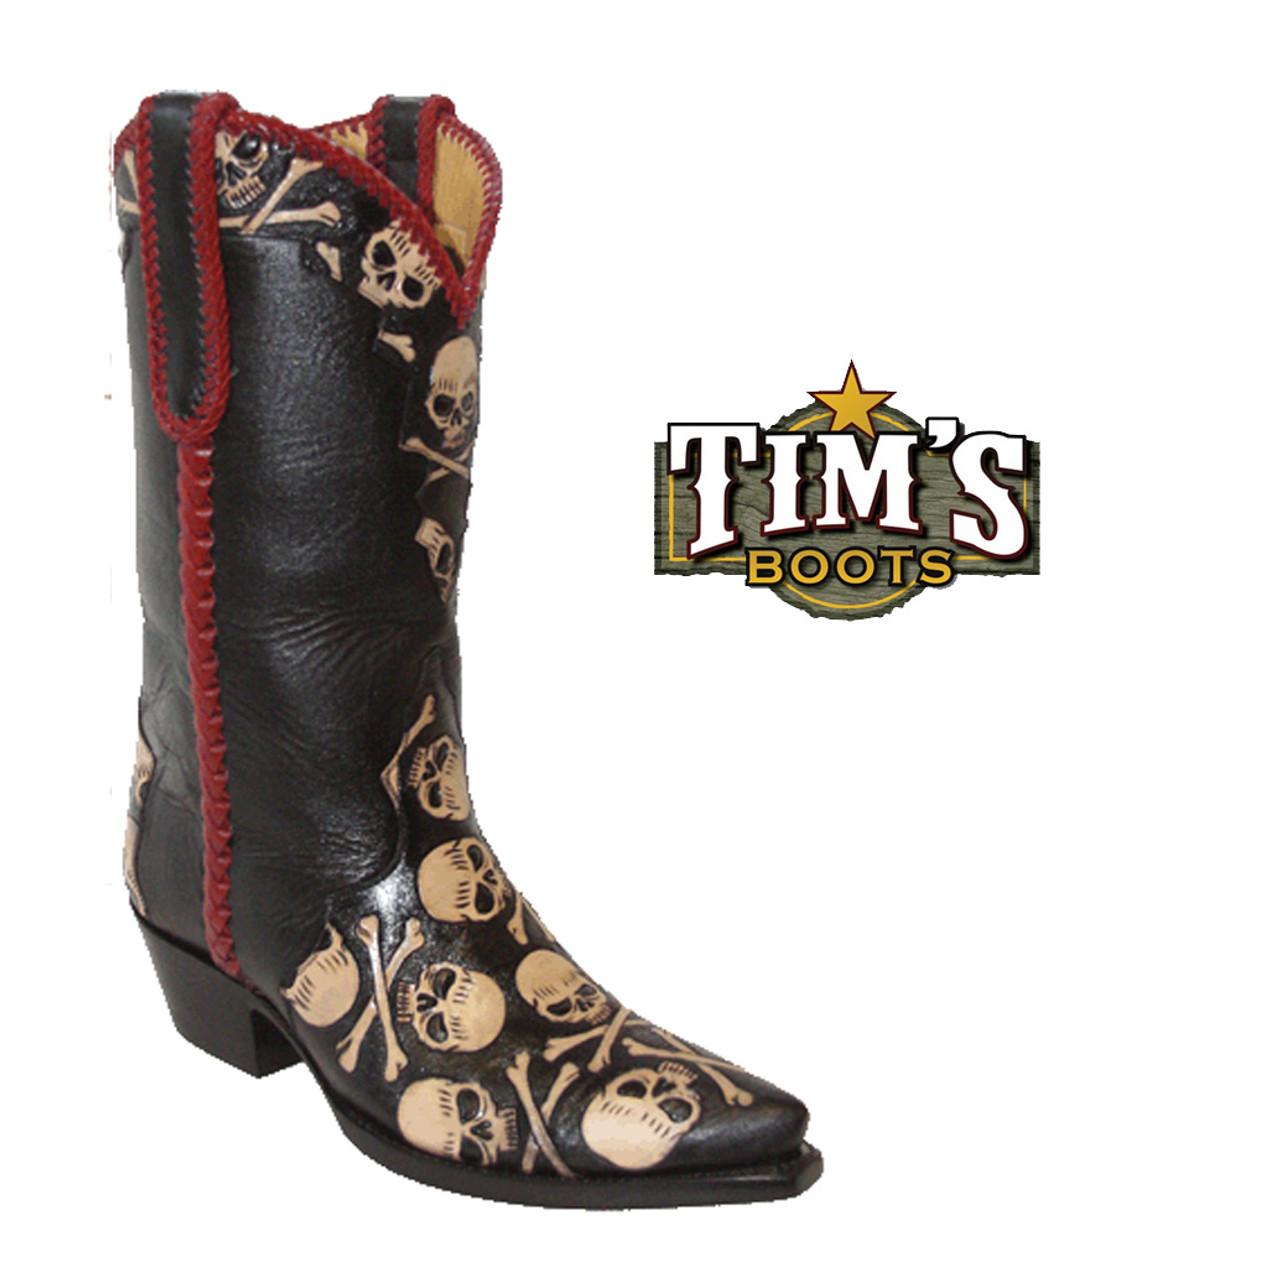 624ec1af277 Star Boots Hand Tooled Skull & Crossbones Cowboy Boots